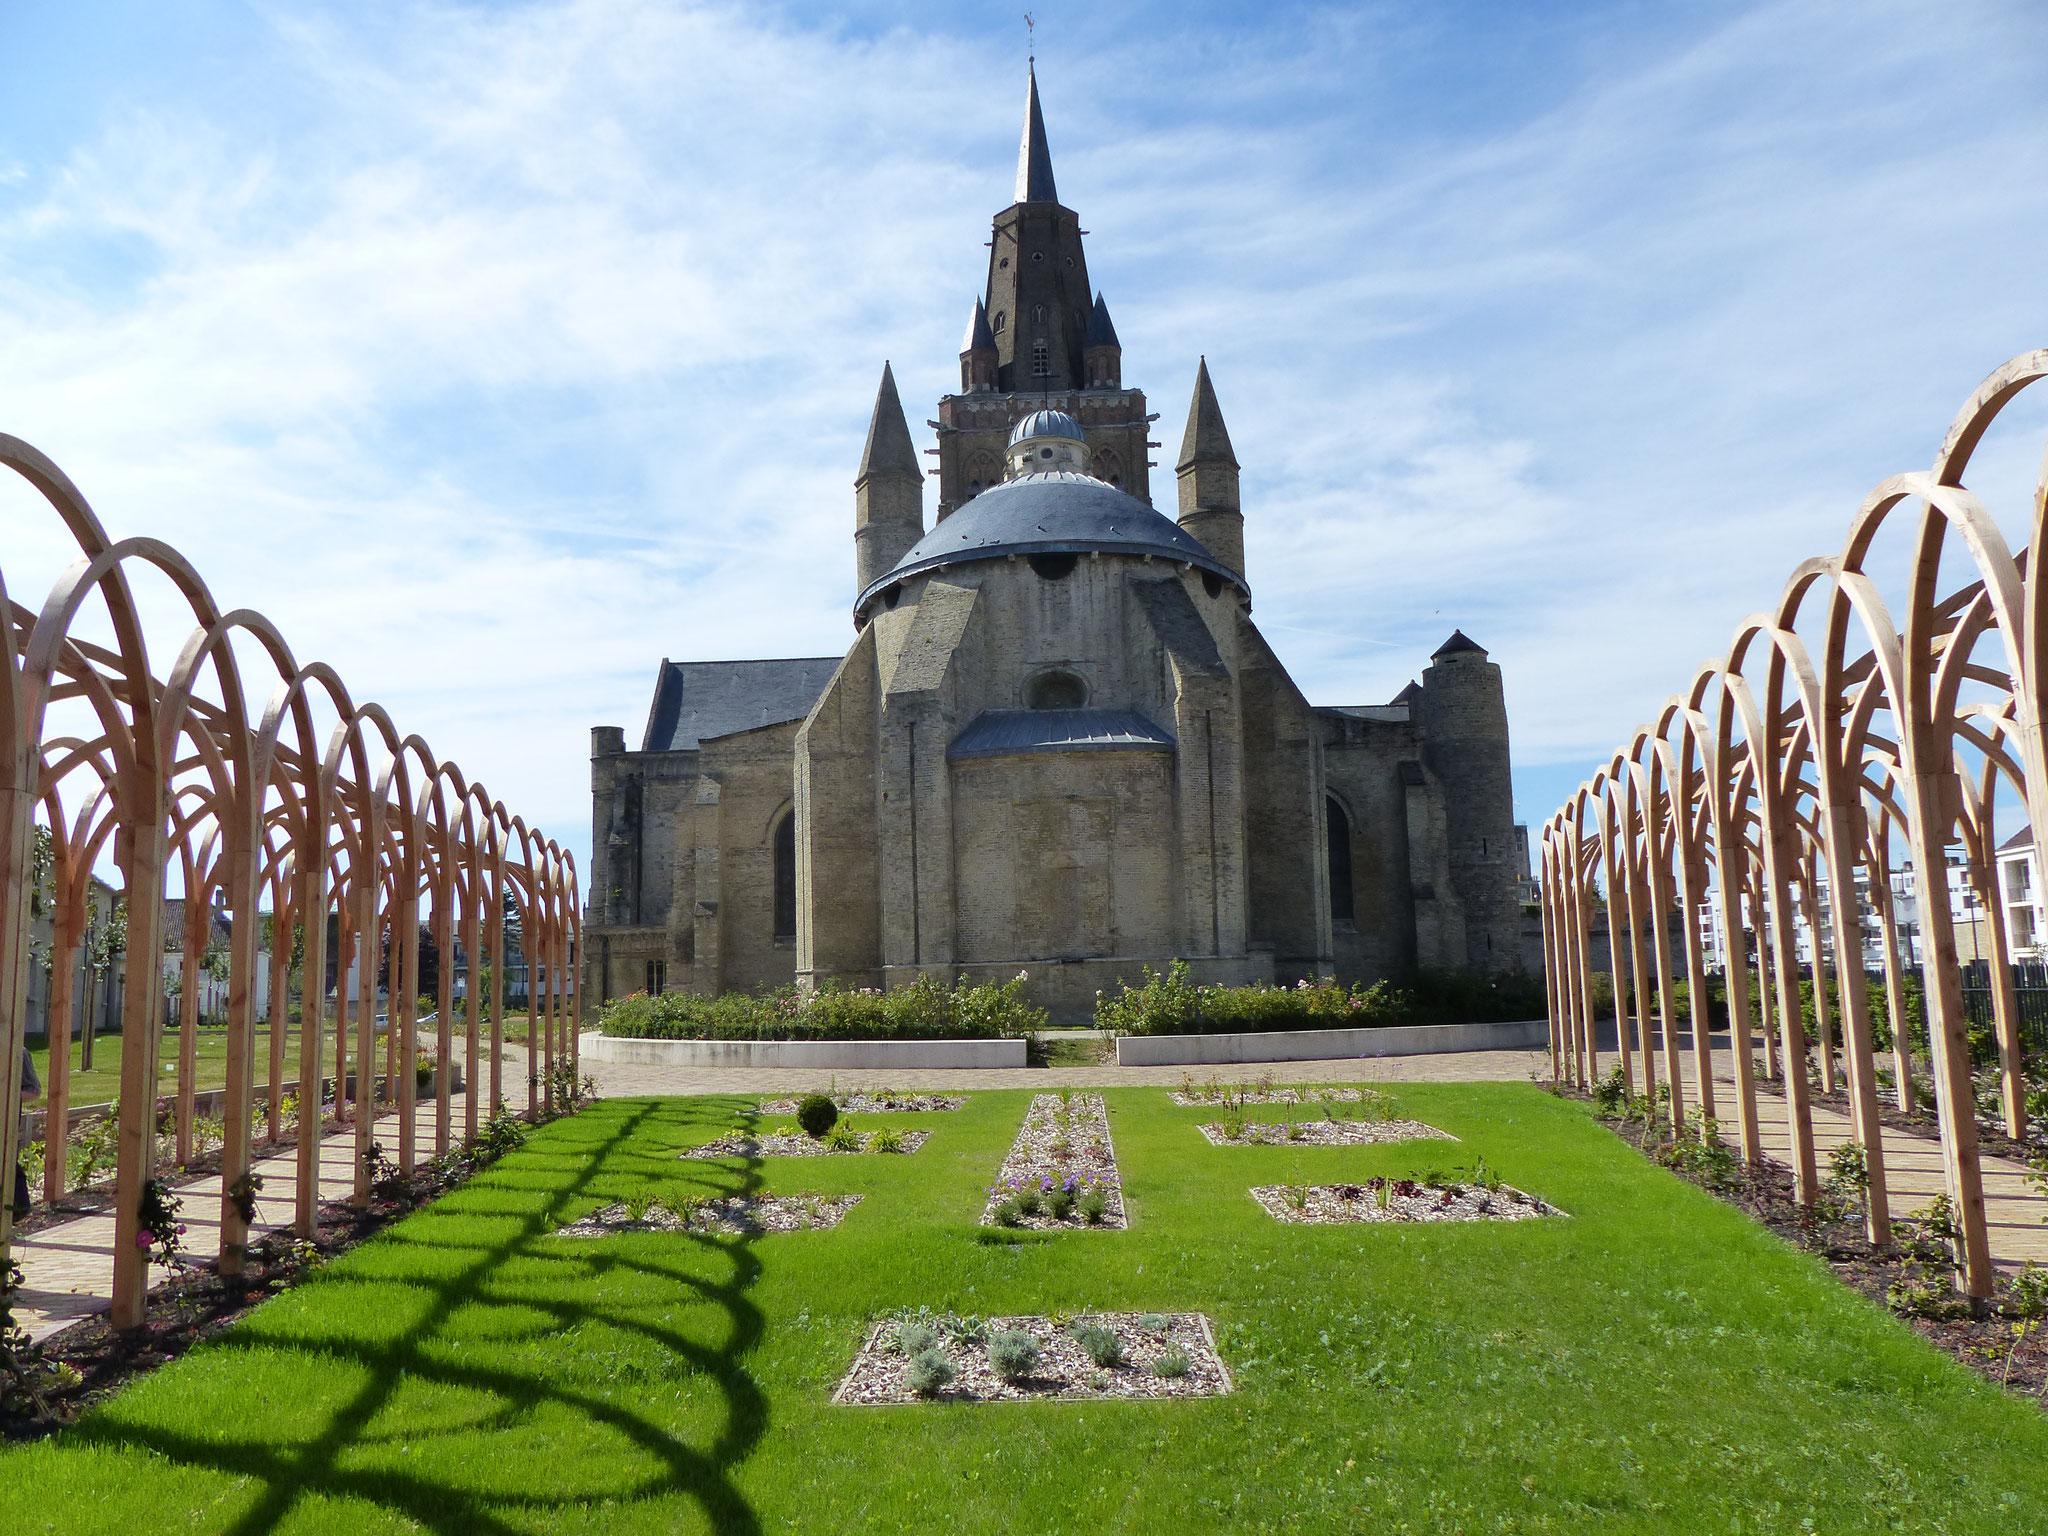 l'église Notre Dame et l'oeuvre paysagère